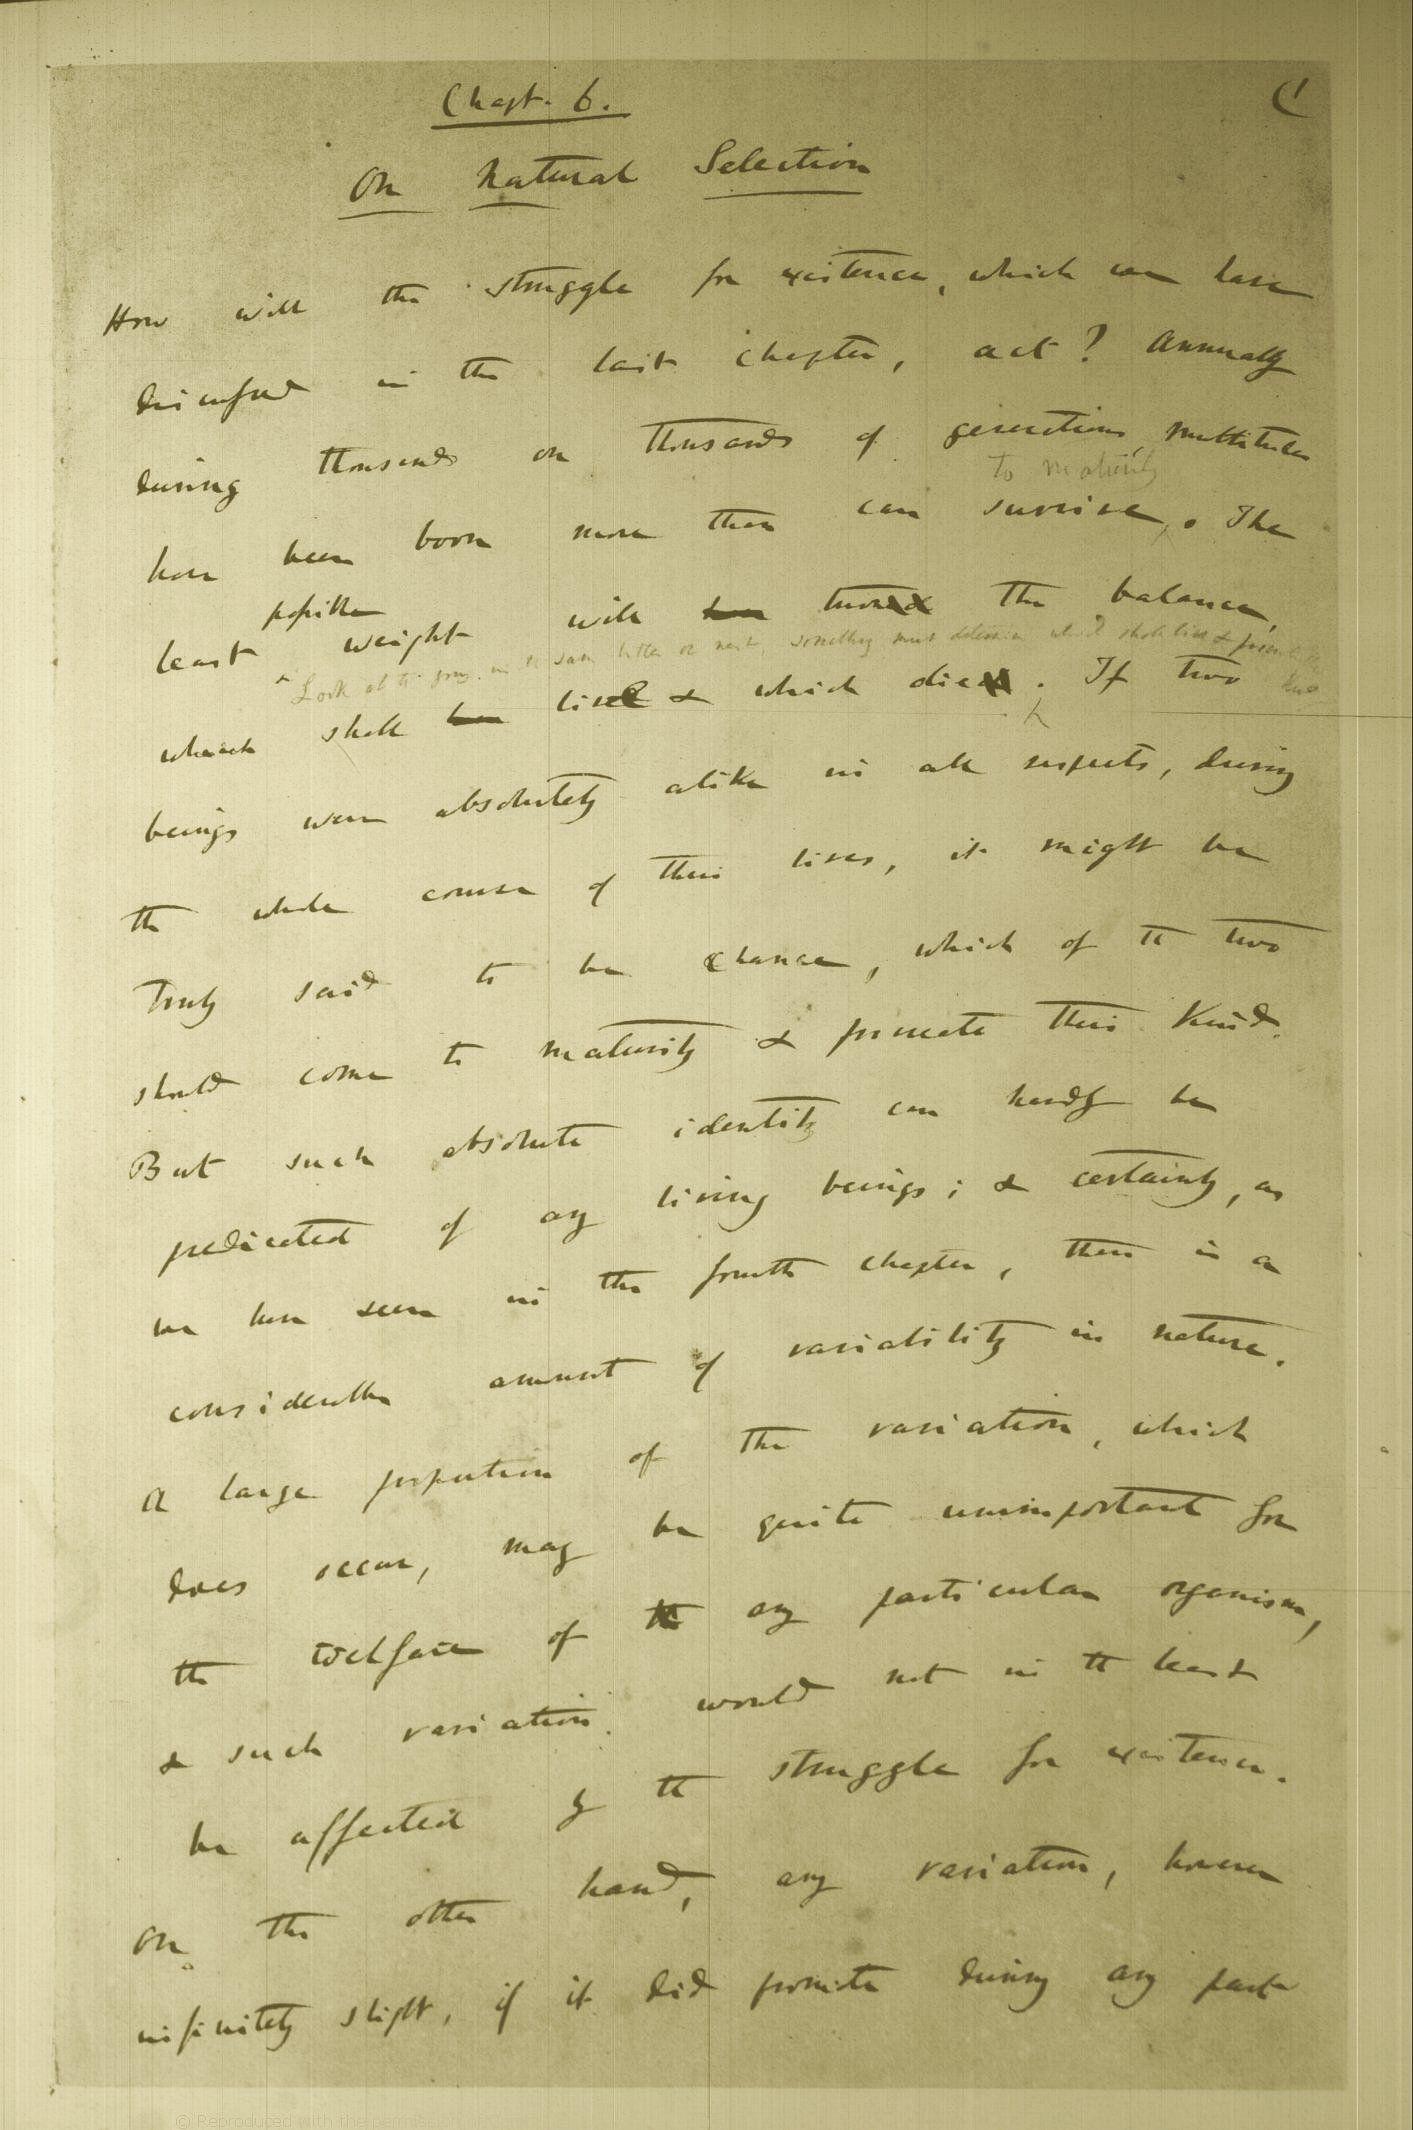 Origin Of Species Manuscript Carnet Lettre A Illustrations